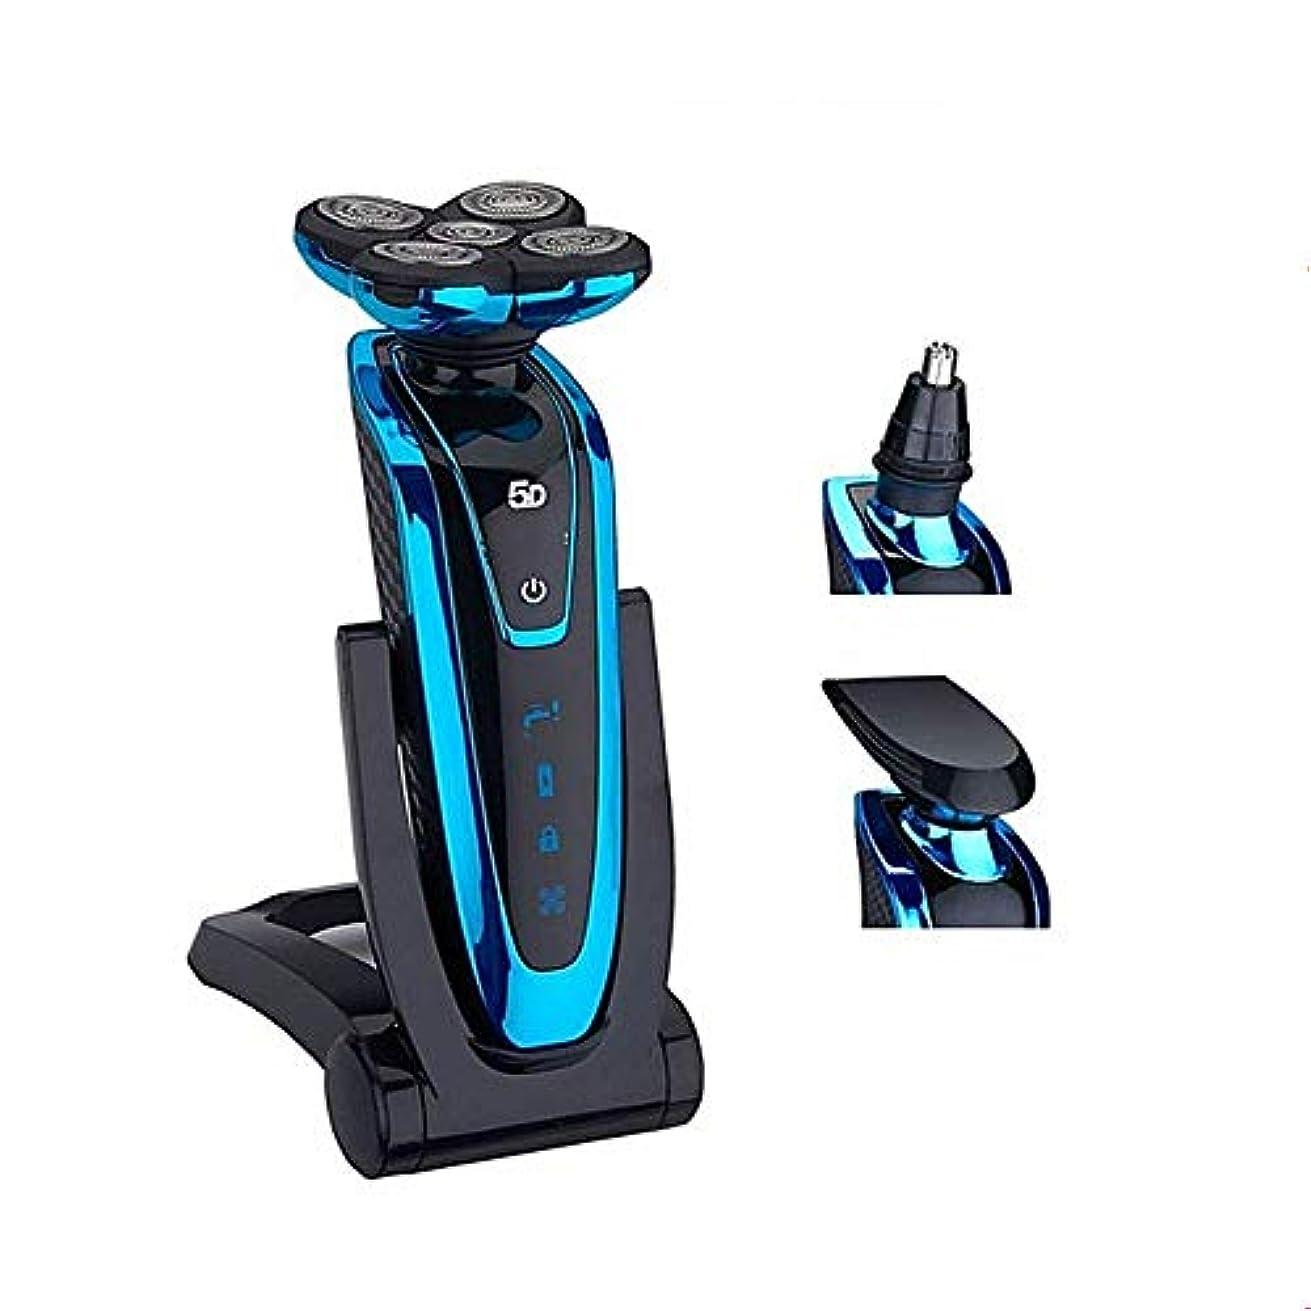 キャップ数学者パーティションyangdi 男性用ウェット/ドライ5dシェーバー電動かみそり充電式ボディシェービングマシン防水ひげシェーバークリーニングブルー2